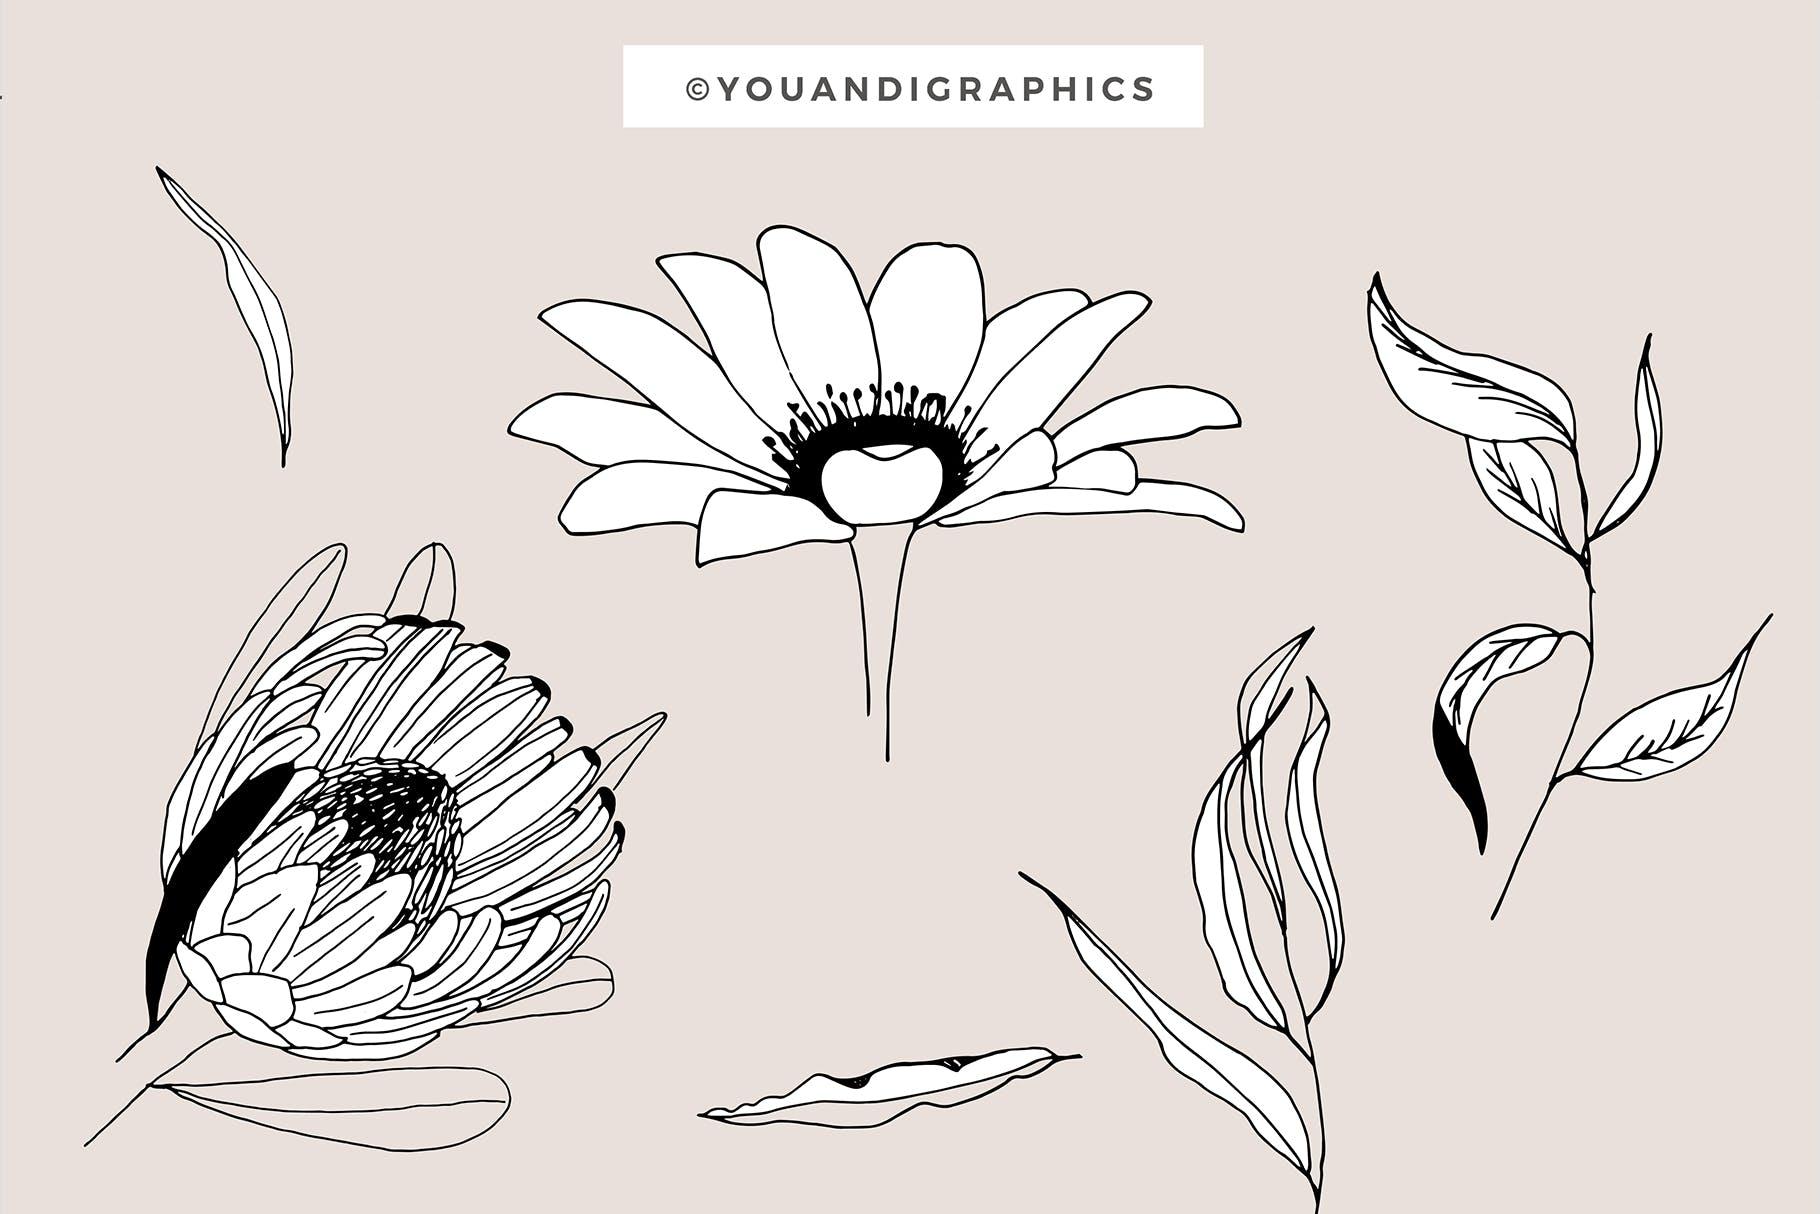 图形花卉图案装饰性元素图案花纹素材下载Graphic Flowers Patterns Elements插图(9)